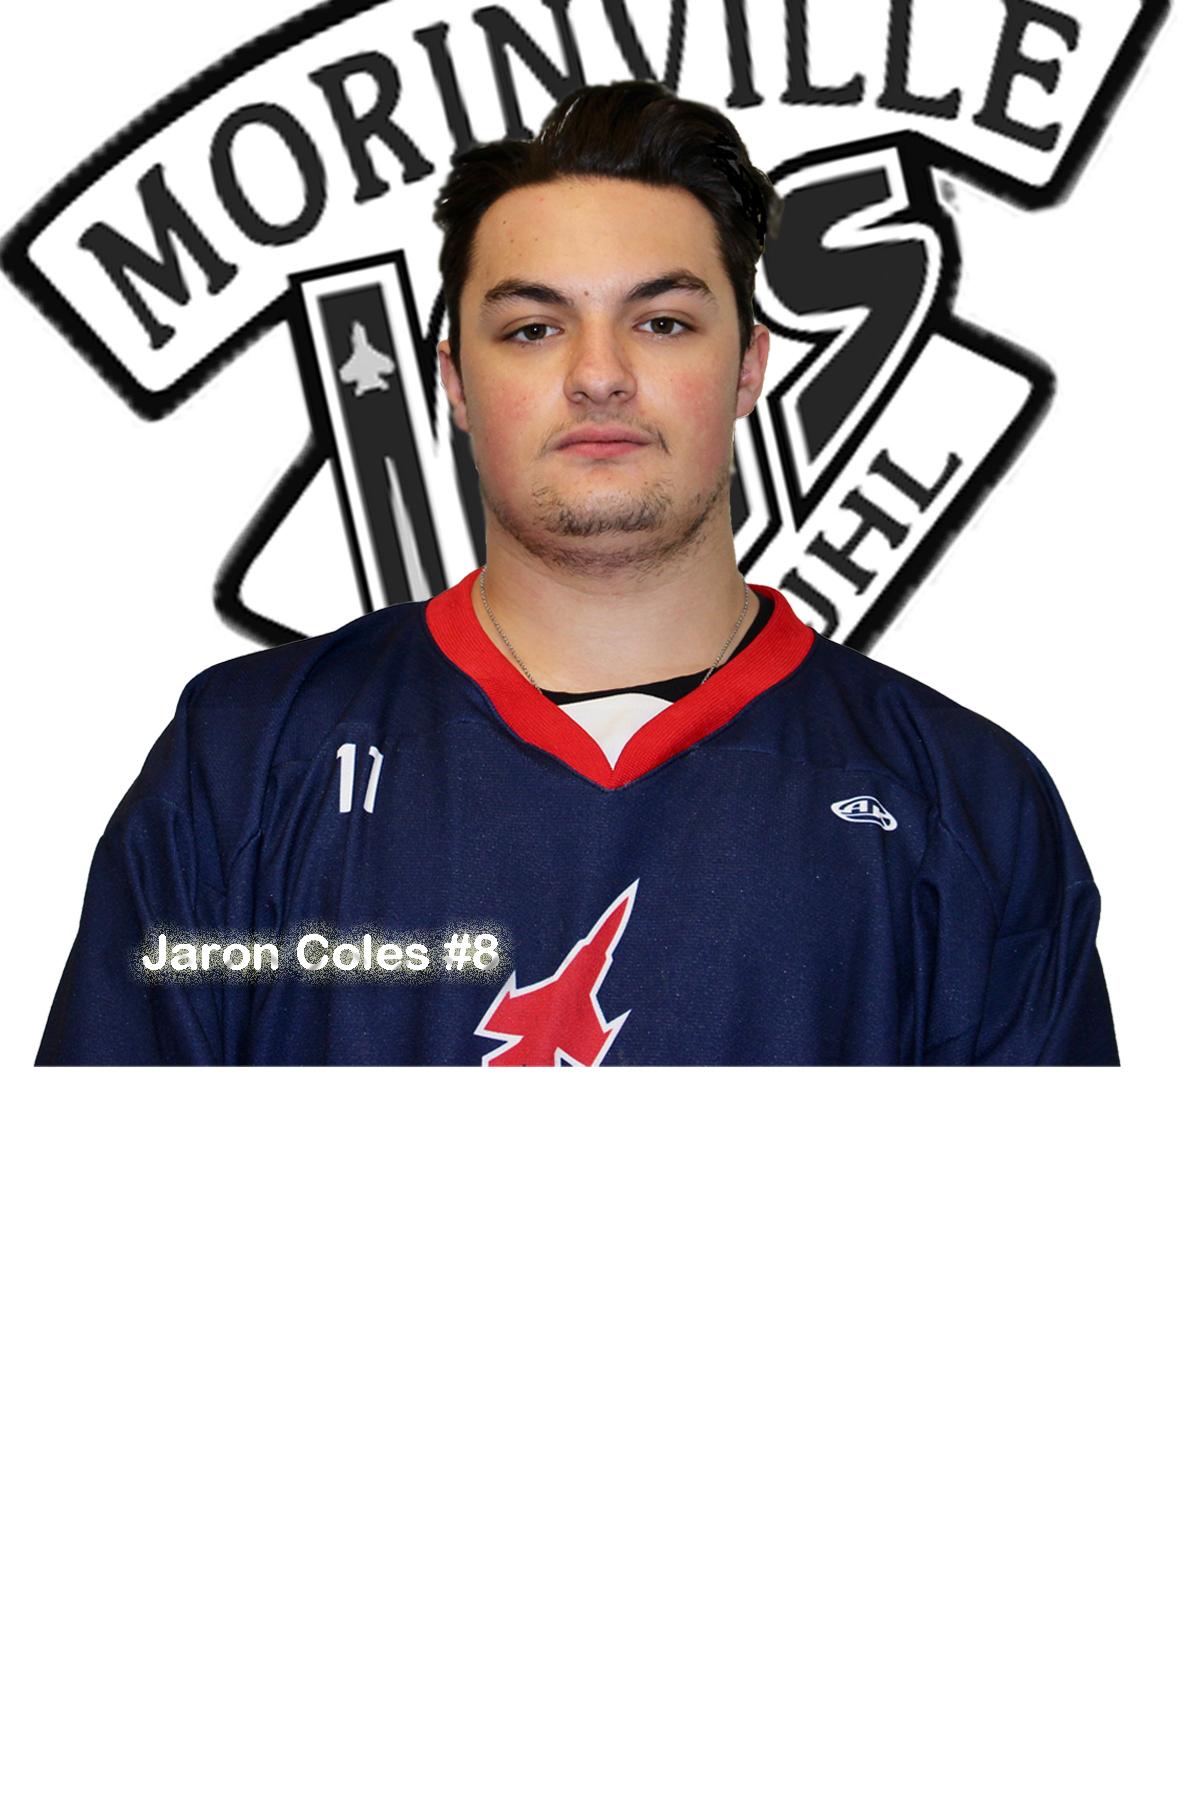 #8 Jaron Coles